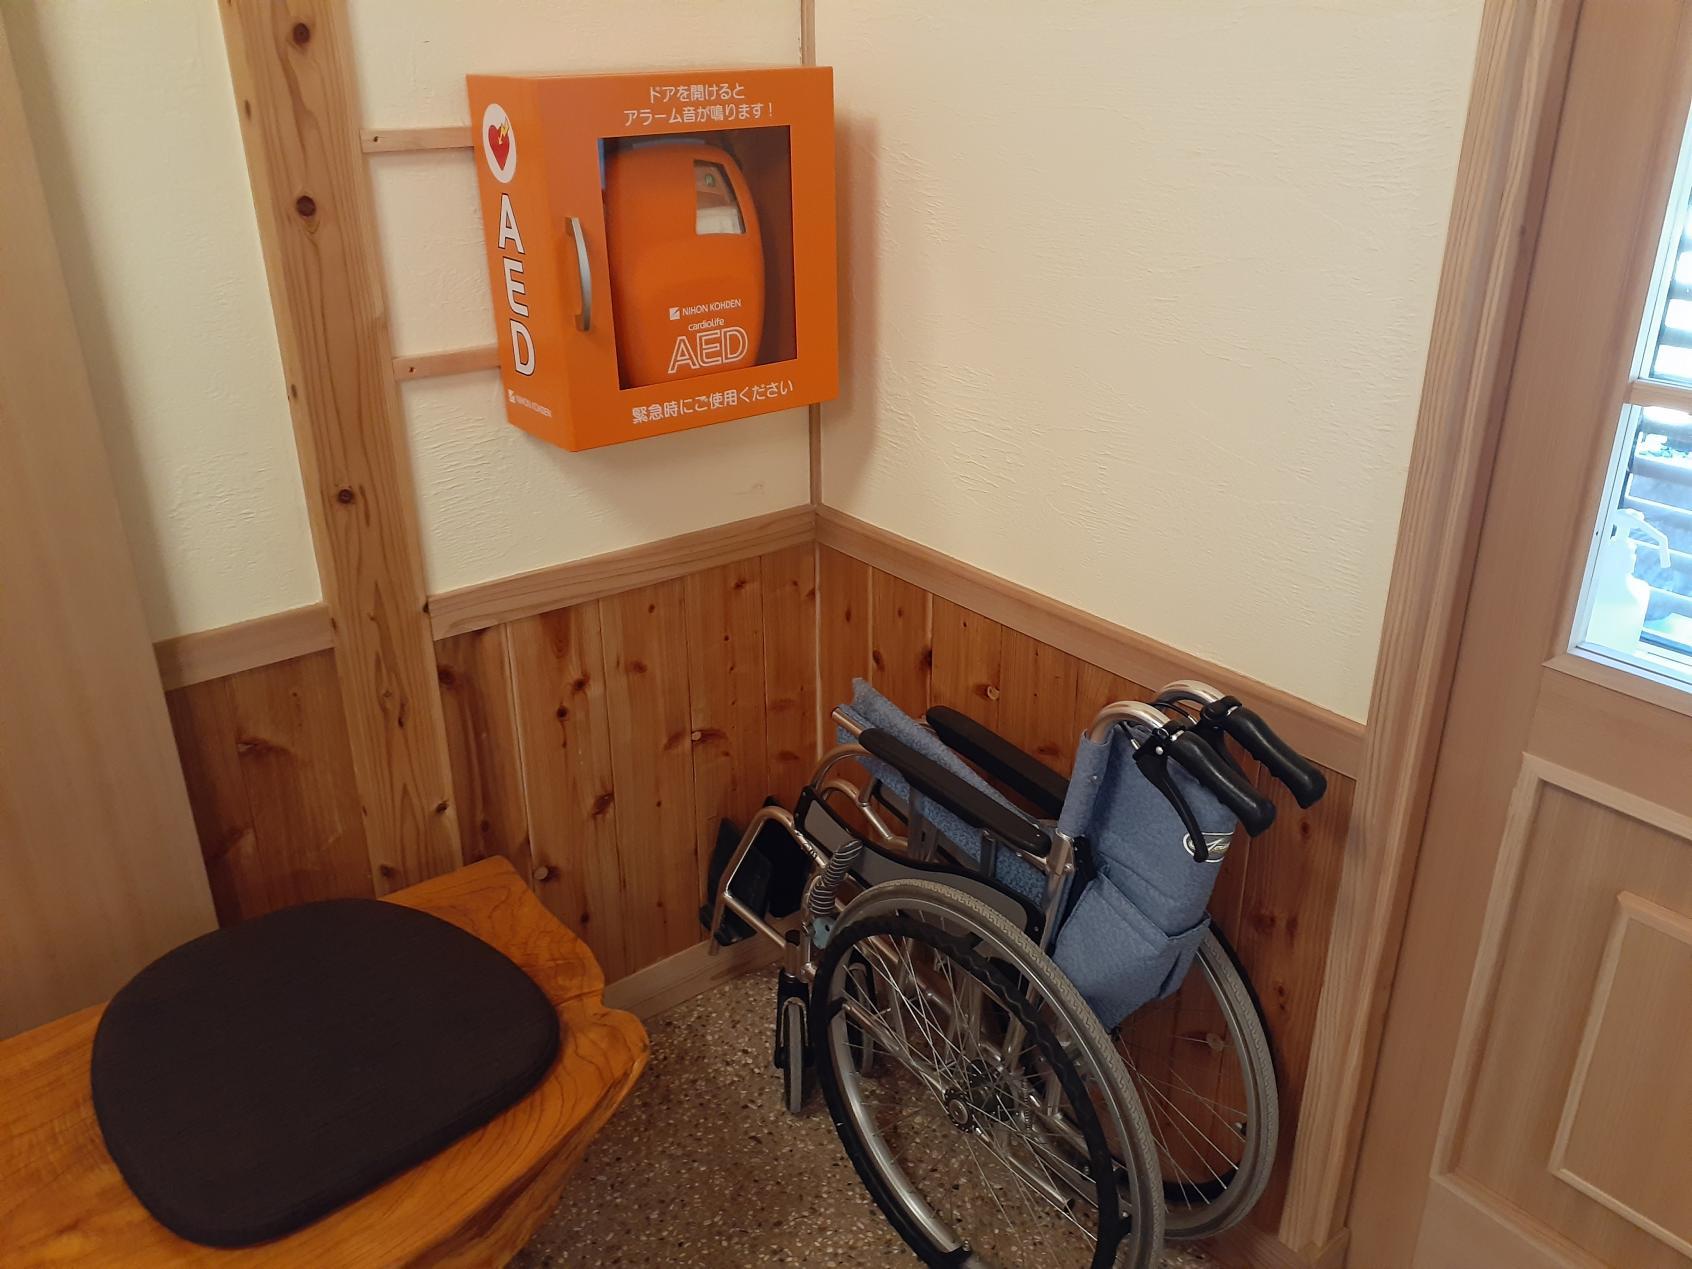 玄関内に無償レンタルの車椅子とAEDがあります。-2